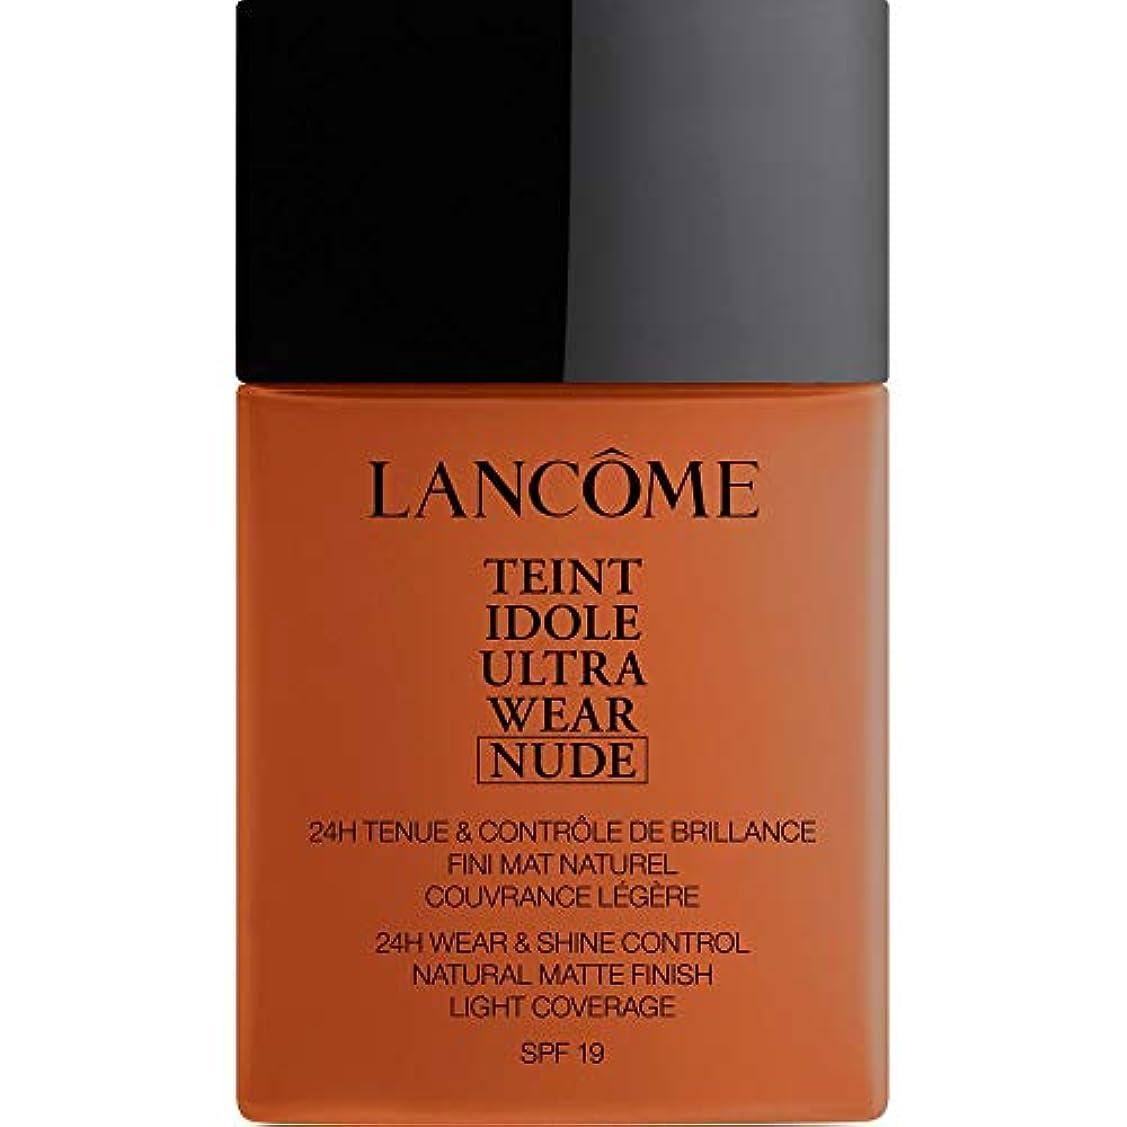 計算可能フロー見える[Lanc?me ] ランコムTeintのIdole超摩耗ヌード財団Spf19の40ミリリットル13 - Sienne - Lancome Teint Idole Ultra Wear Nude Foundation SPF19...